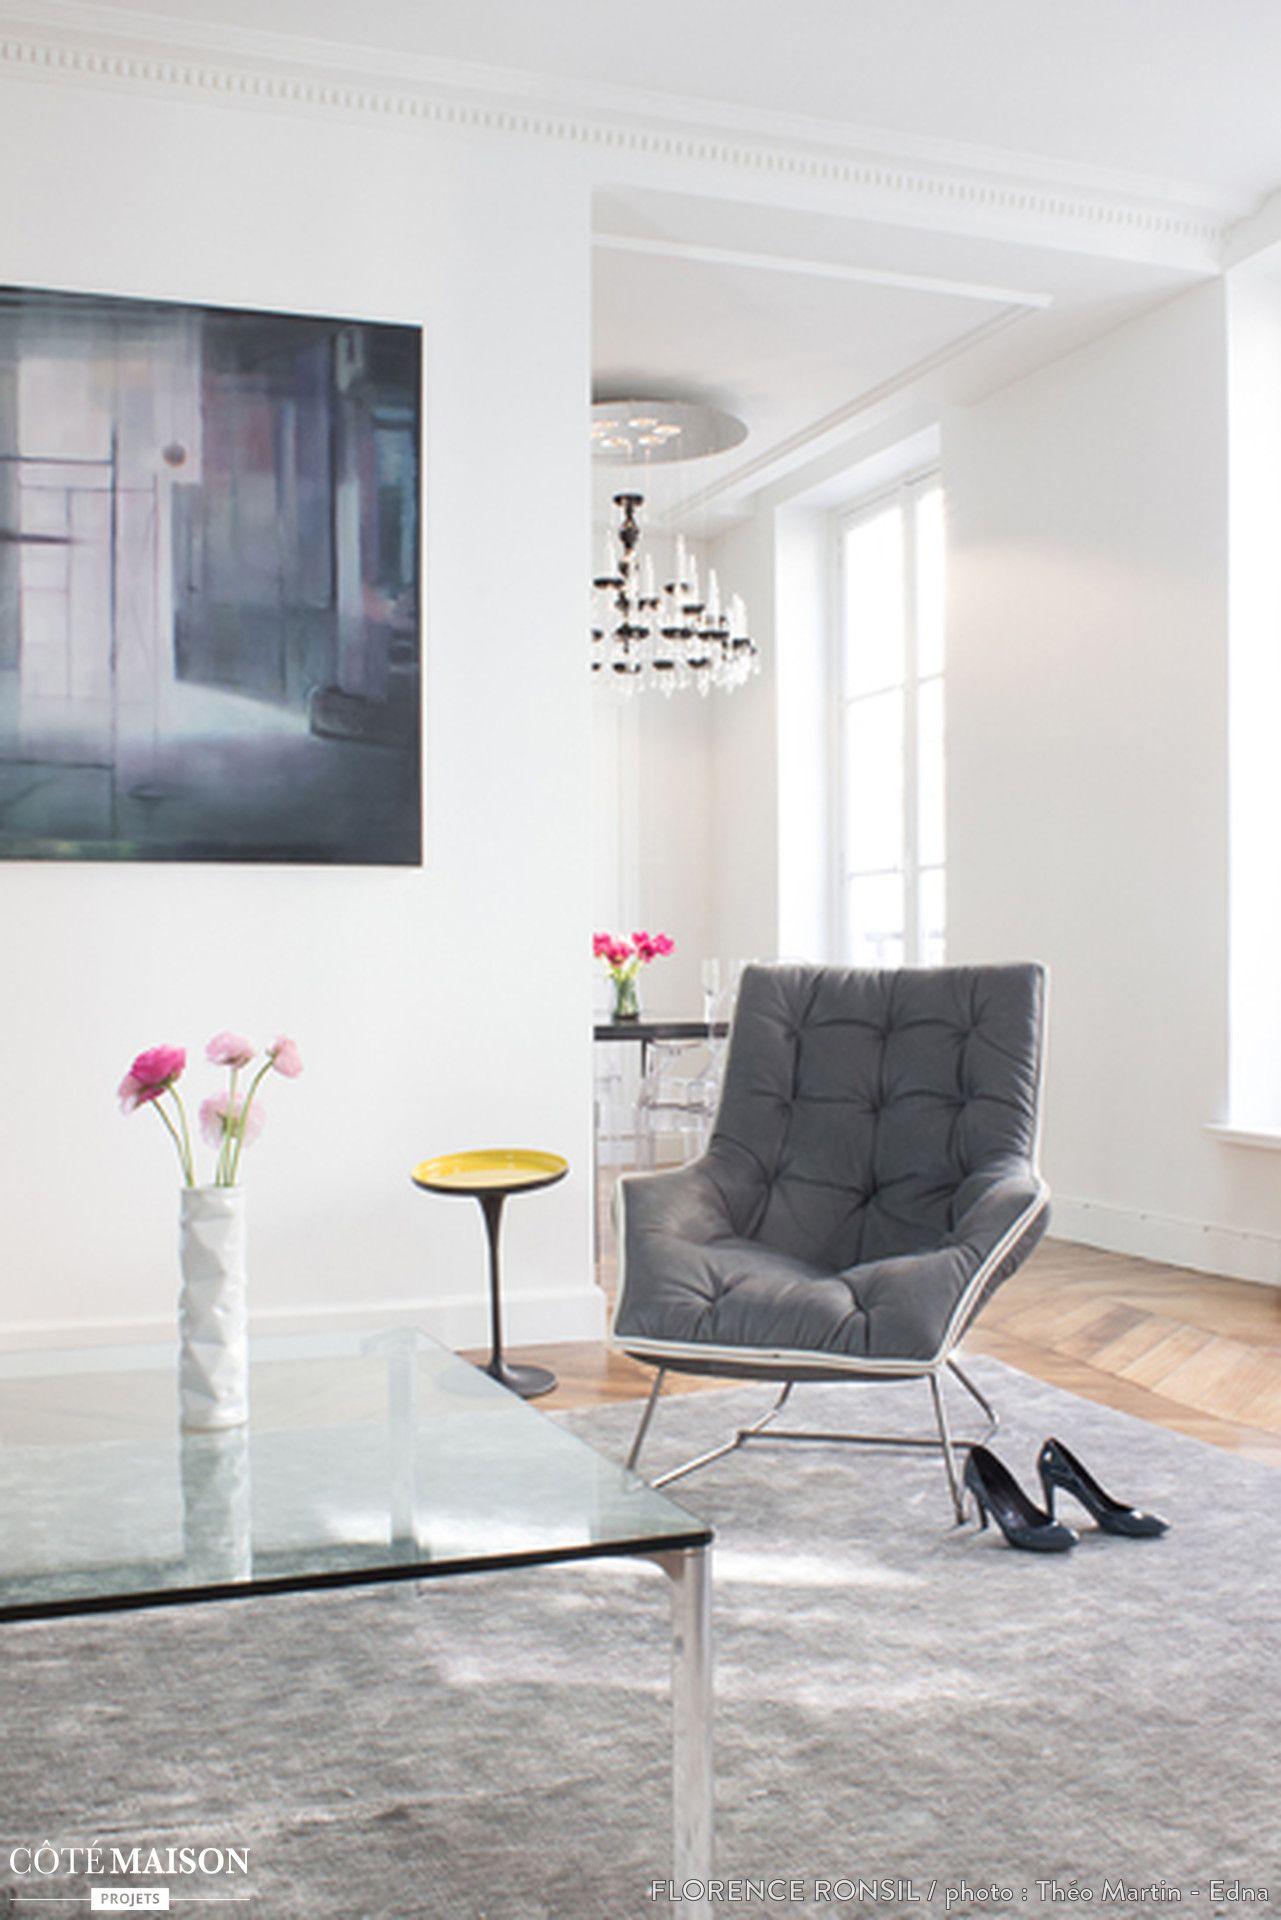 choix de mobilier simple et l gant pour cette r novation d 39 appartement studio petit. Black Bedroom Furniture Sets. Home Design Ideas